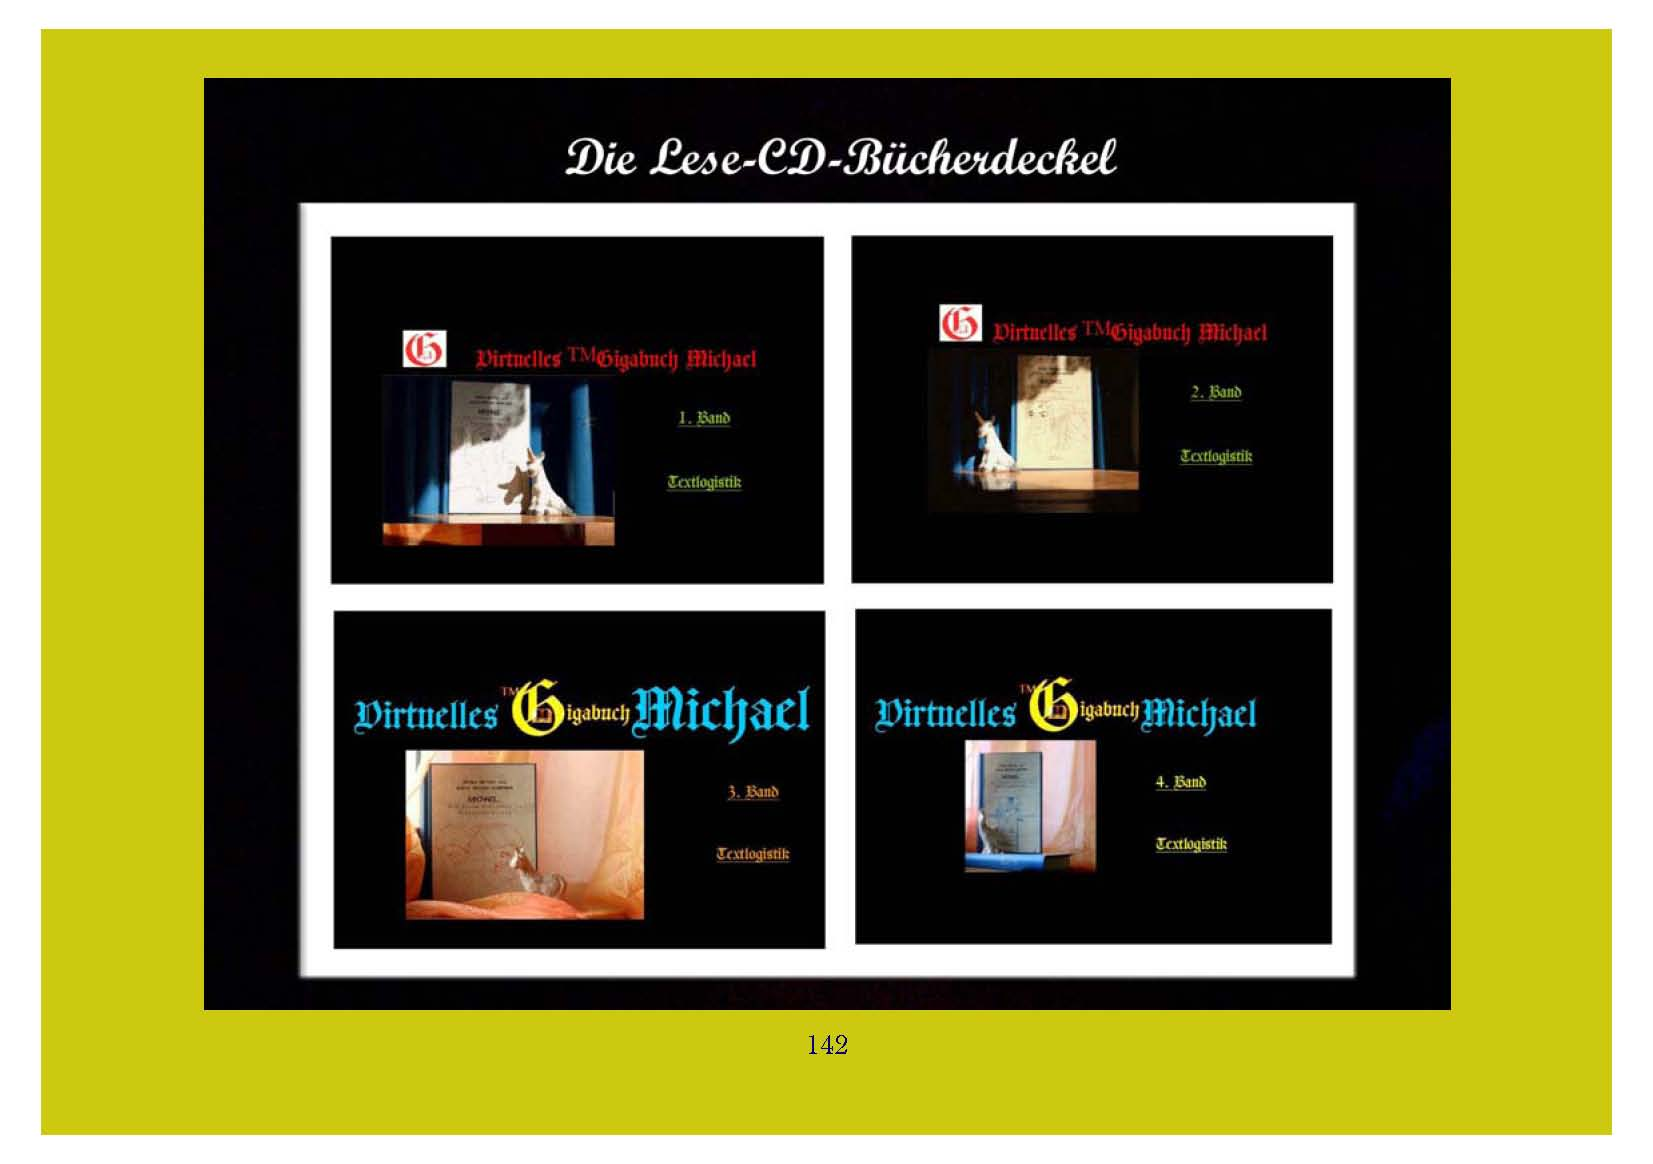 ™Gigabuch-Bibliothek/iAutobiographie Band 13/Bild 0981